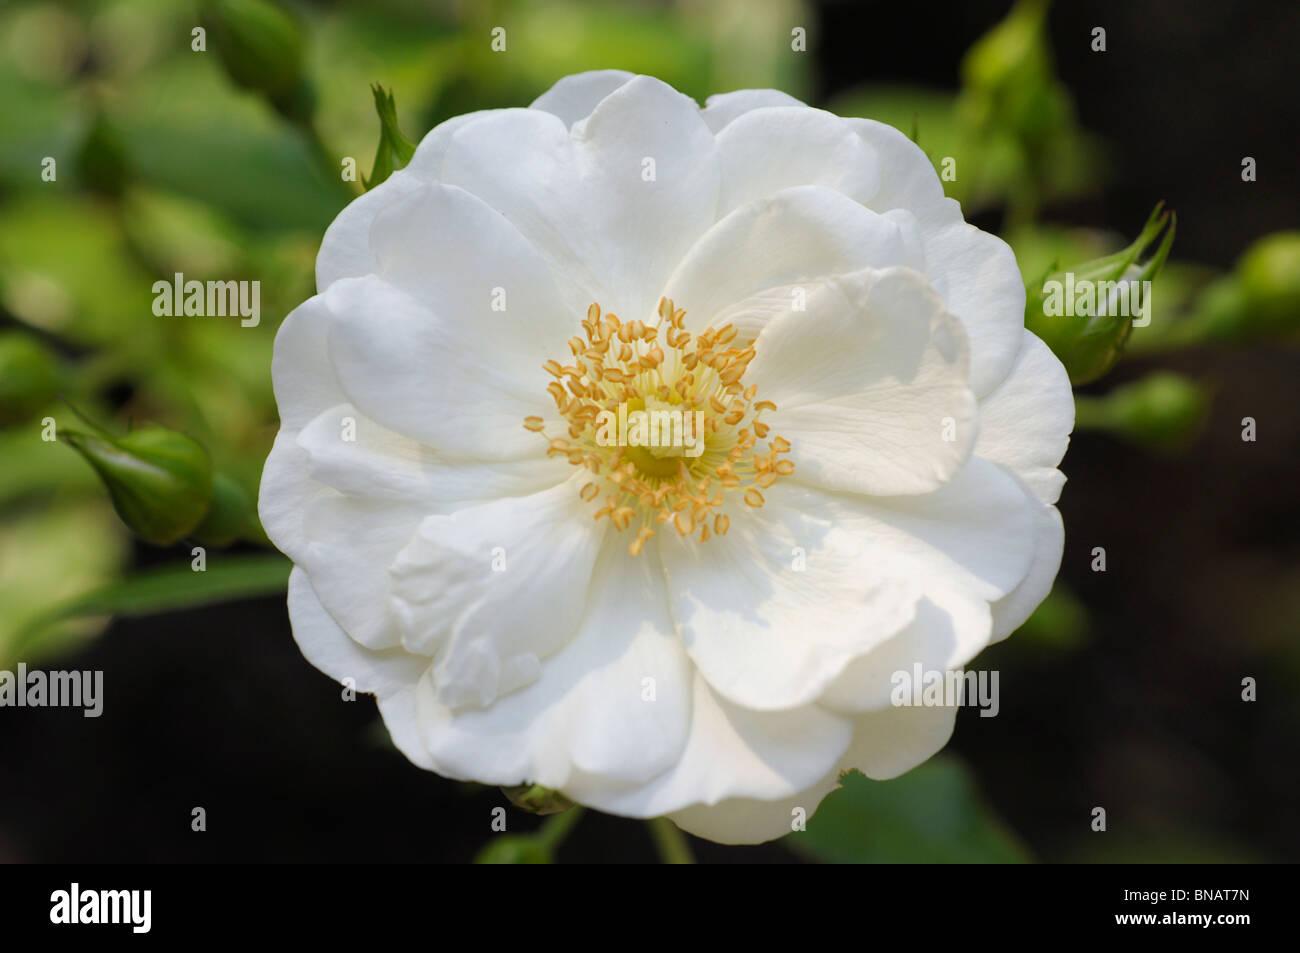 White 'Vigorosa' (Vigorous) Rose - Stock Image